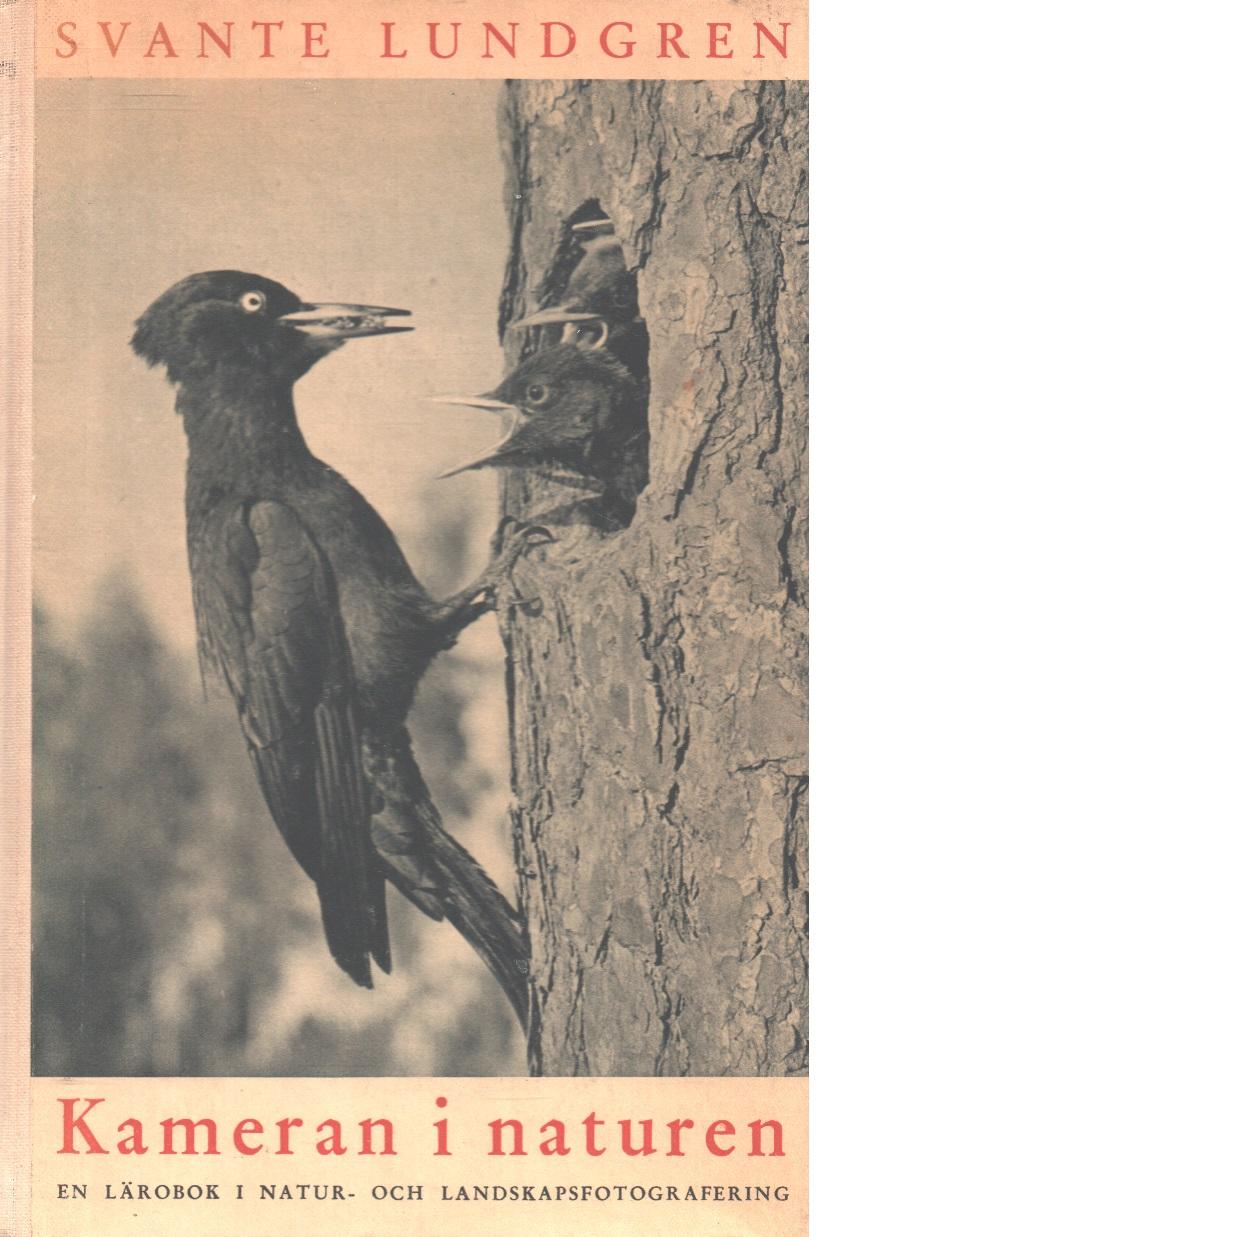 Kameran i naturen : en lärobok i natur- och landskapsfotografering. - Lundgren, Svante